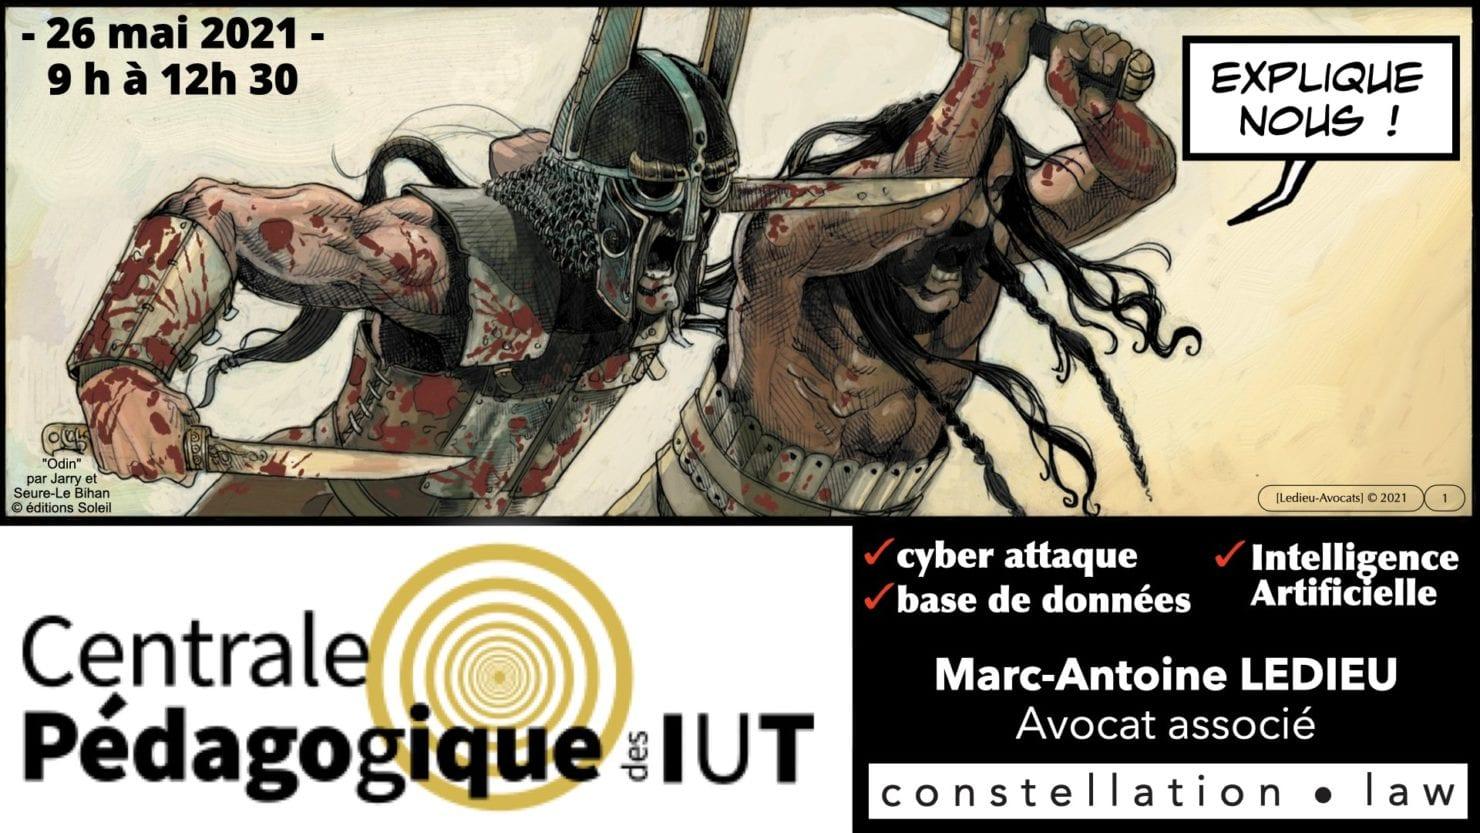 CYBER ATTAQUE responsabilité pénale civile contrat © Ledieu-Avocats 23-05-2021.001